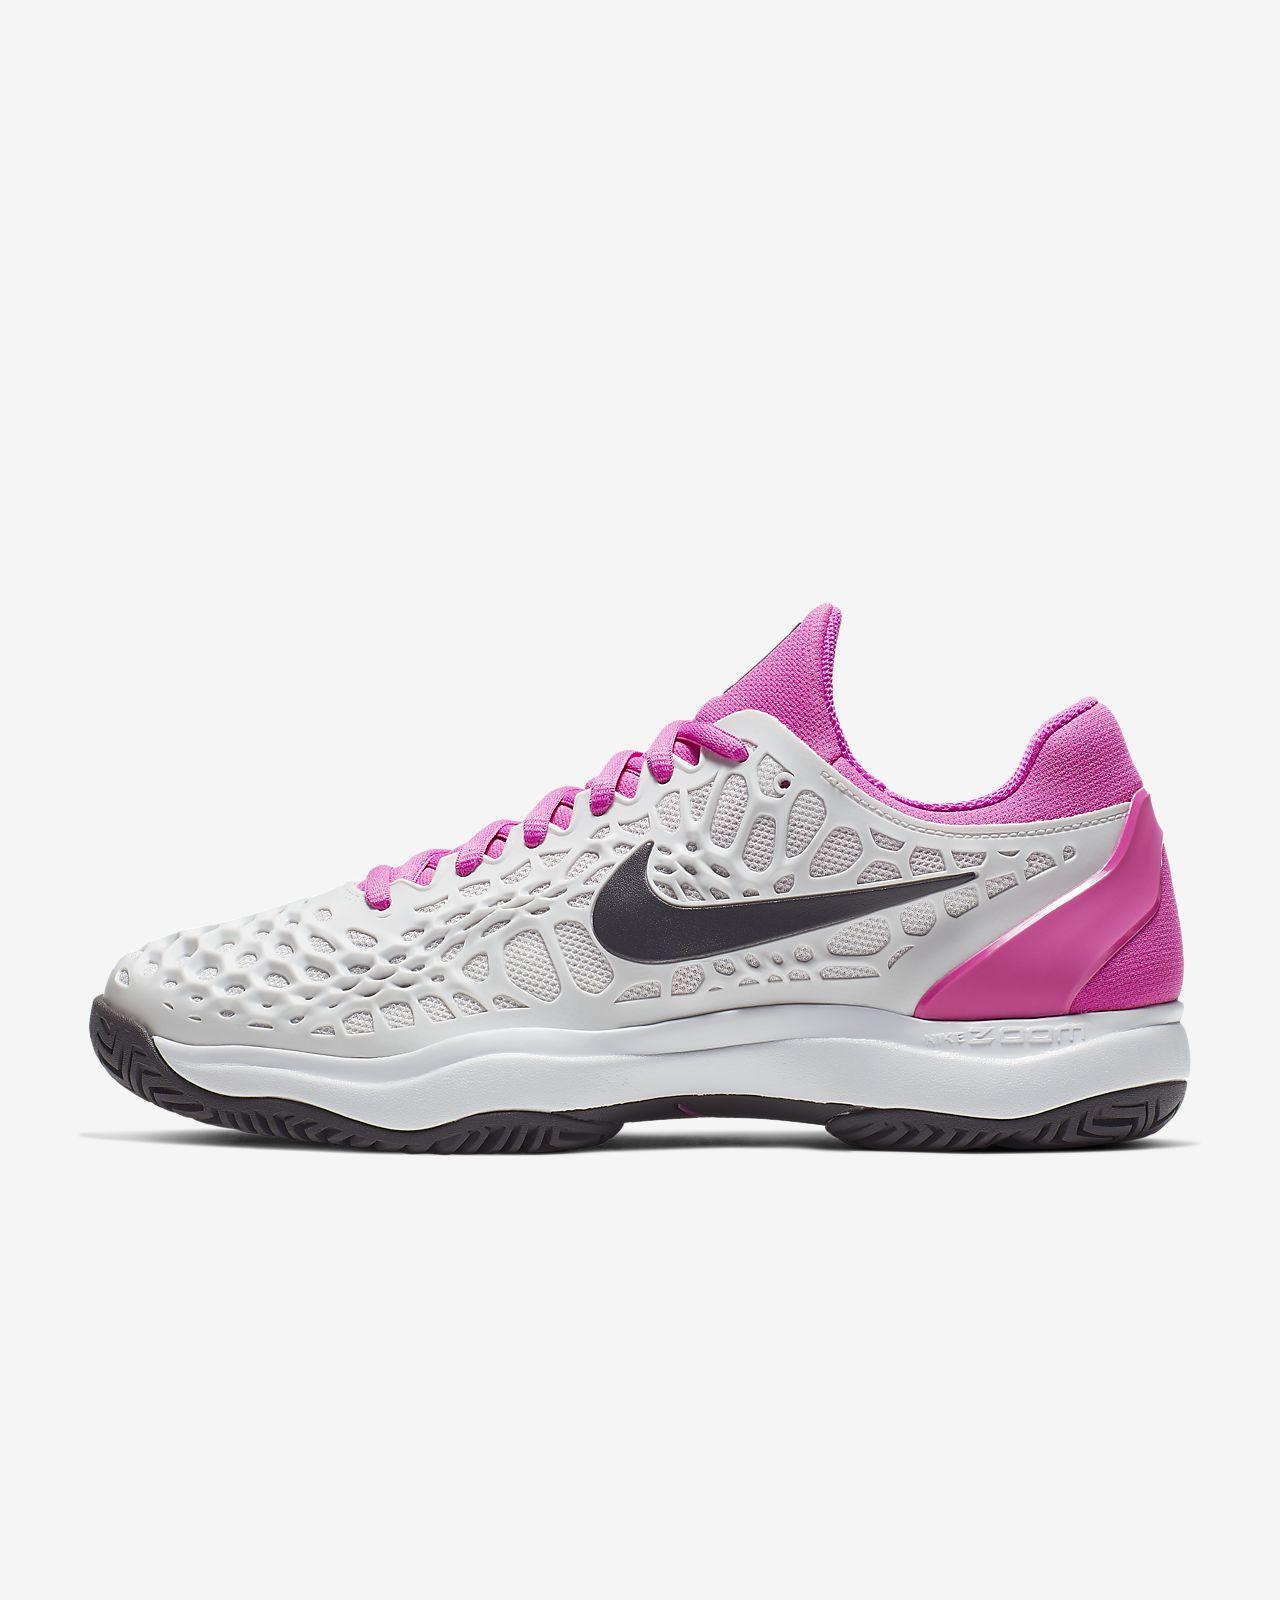 buy popular 7cdfa 701d7 ... Chaussure de tennis pour surface dure NikeCourt Zoom Cage 3 pour Homme